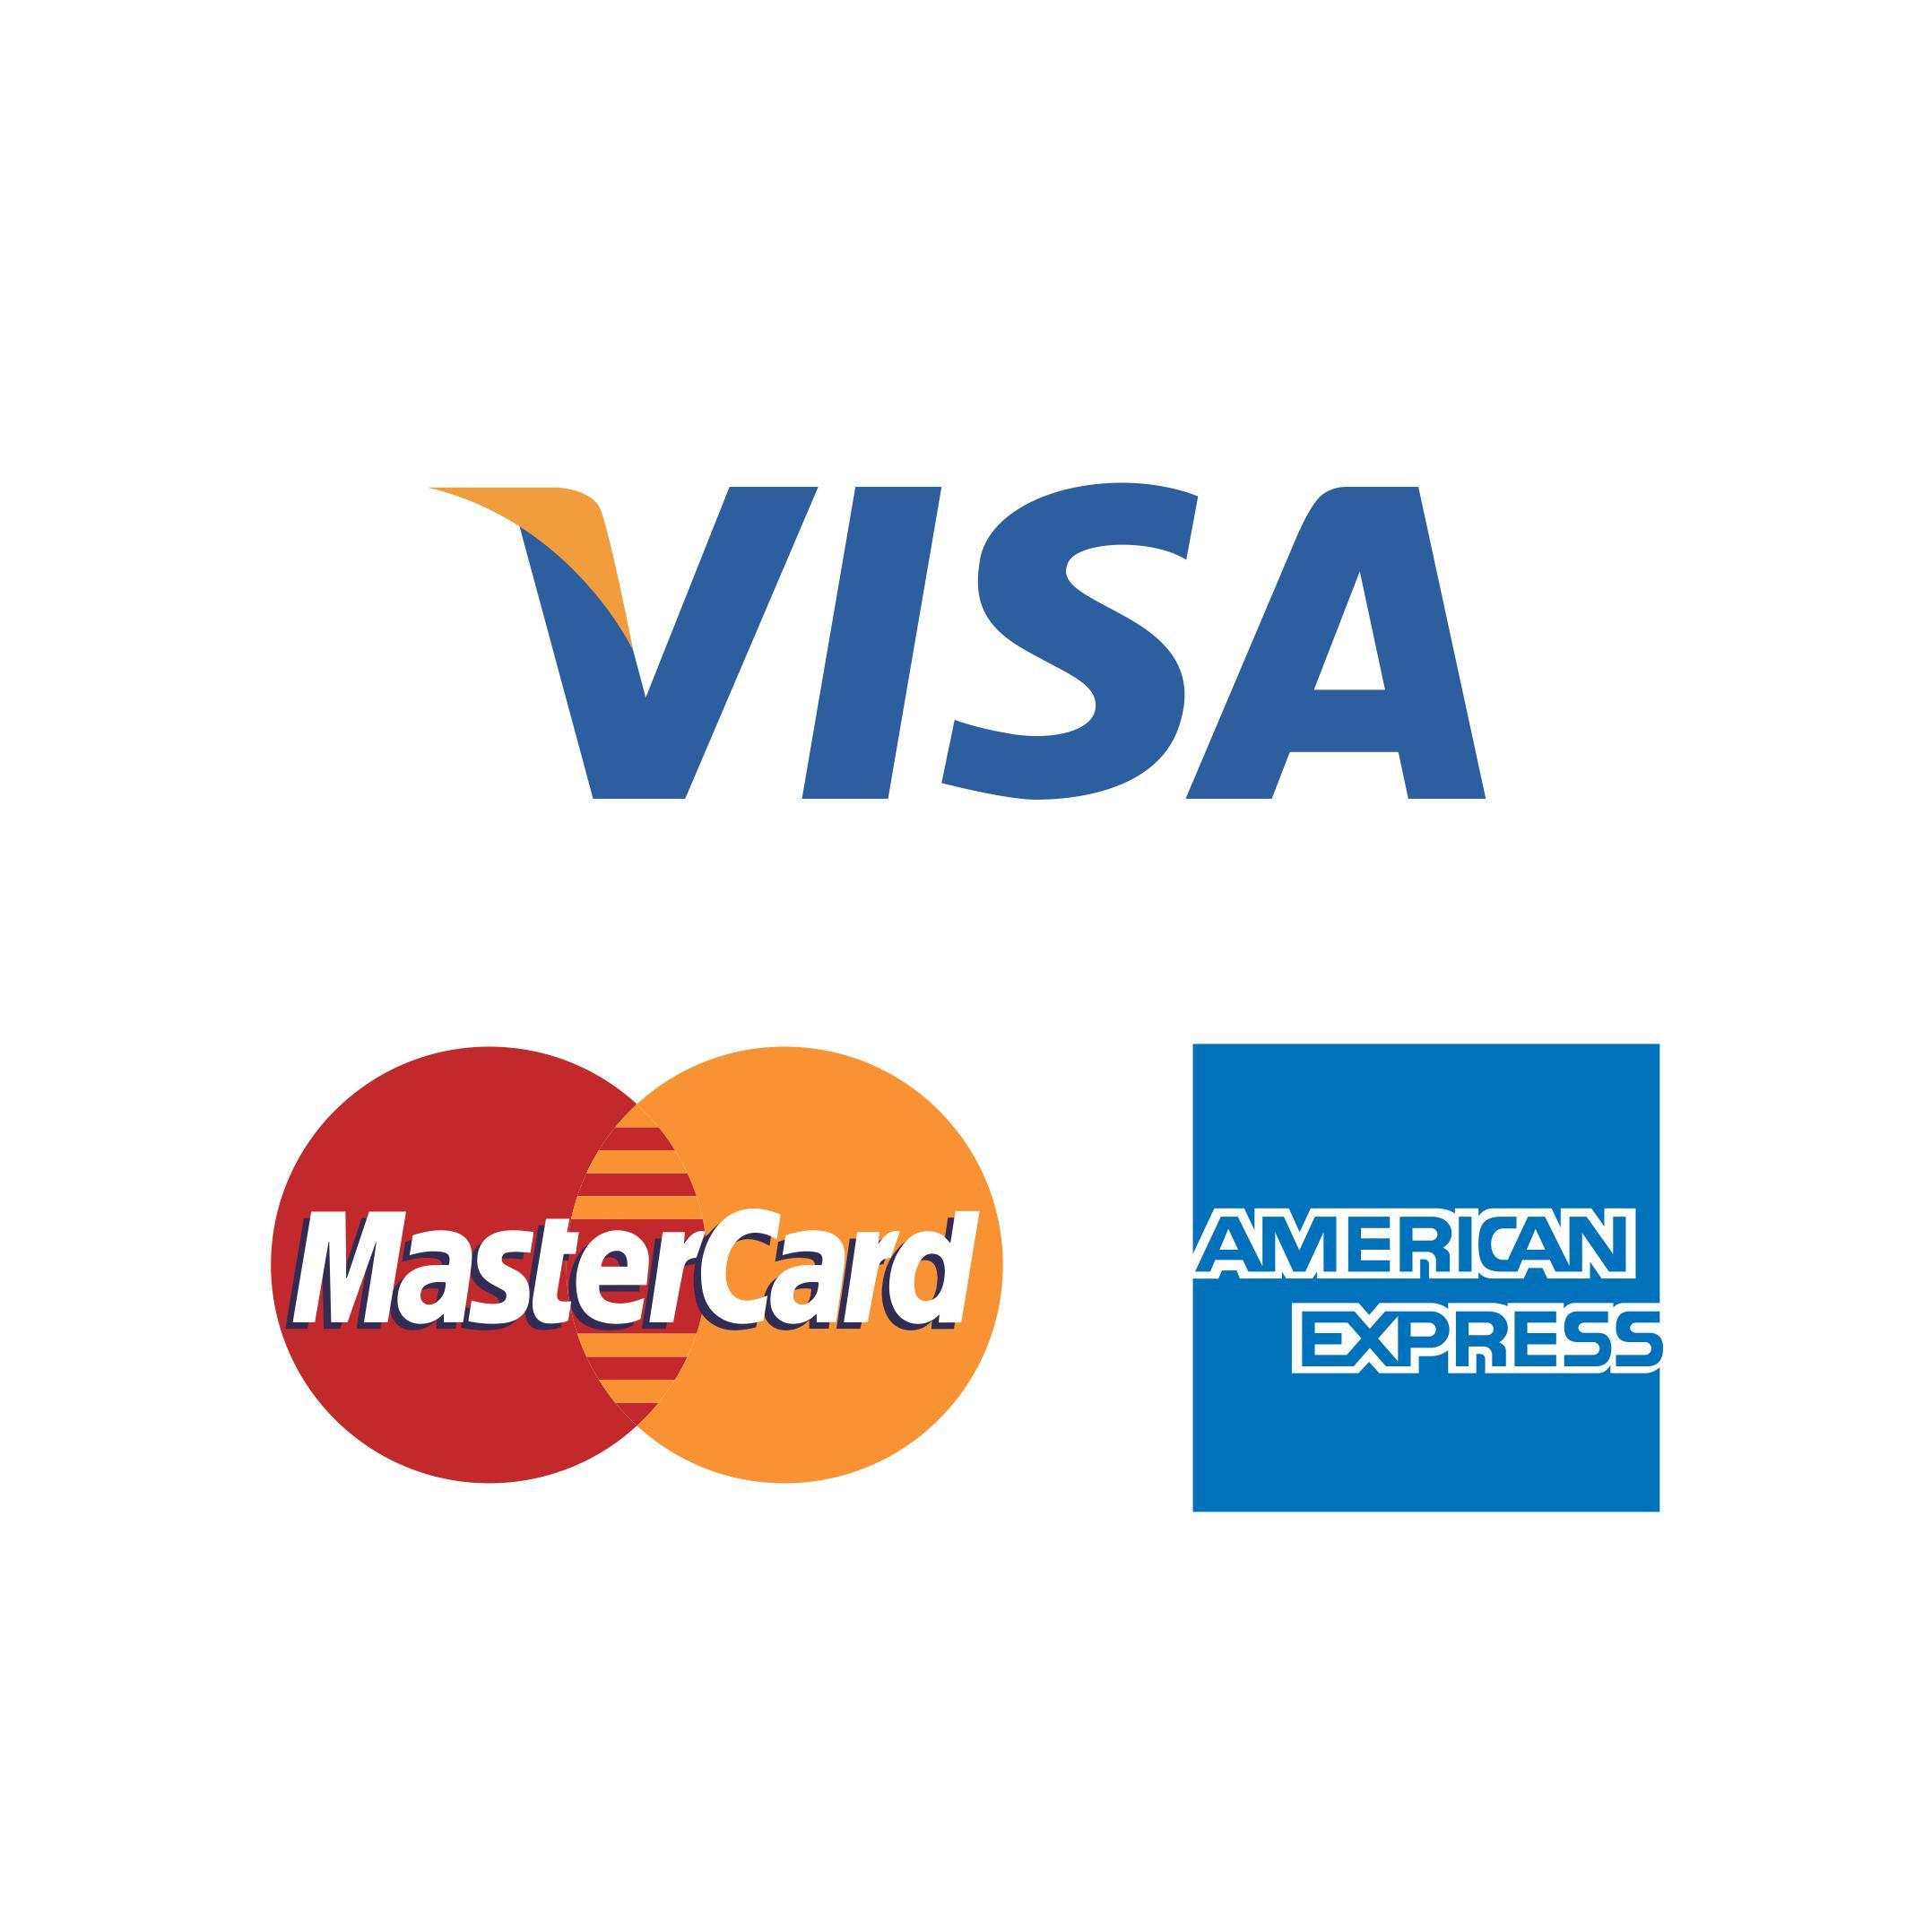 クレジットカードご利用のご案内